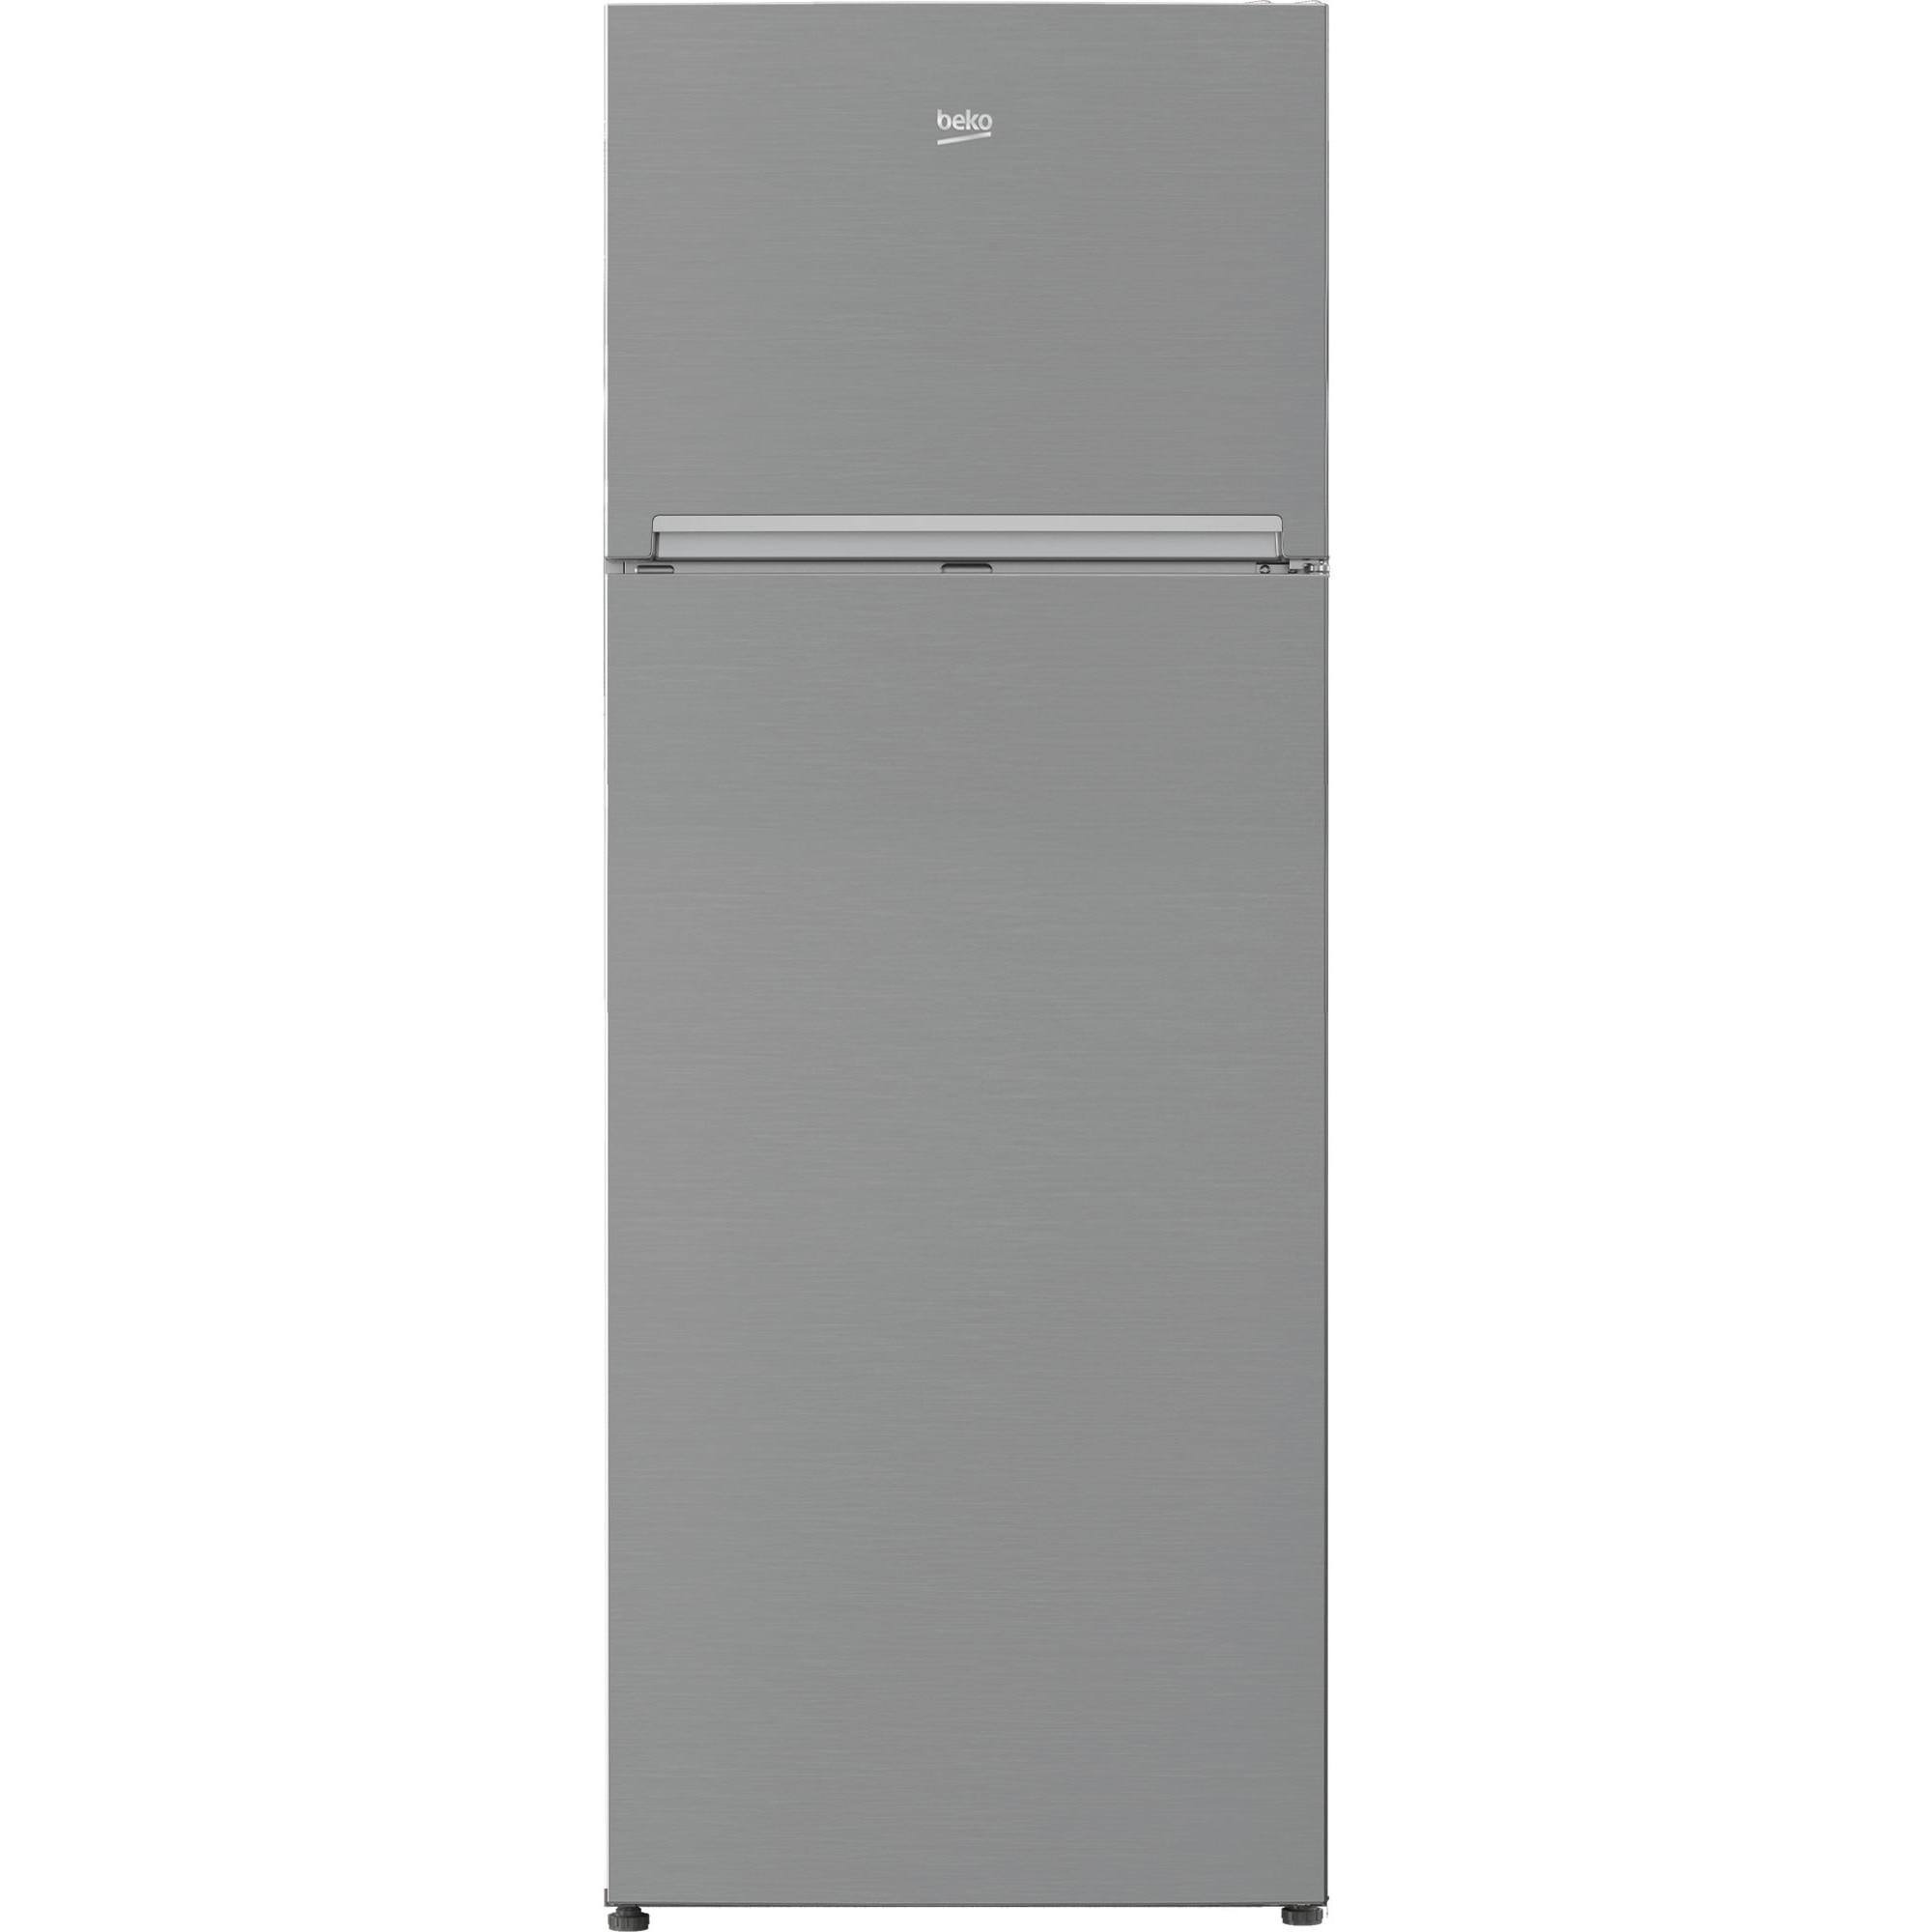 Fotografie Frigider cu doua usi Beko RDNE505K30XPN, 455 l, Clasa F, Neo Frost Dual Cooling, Compresor ProSmart Inverter, Raft sticle, Usi reversibile, H 185 cm, Argintiu